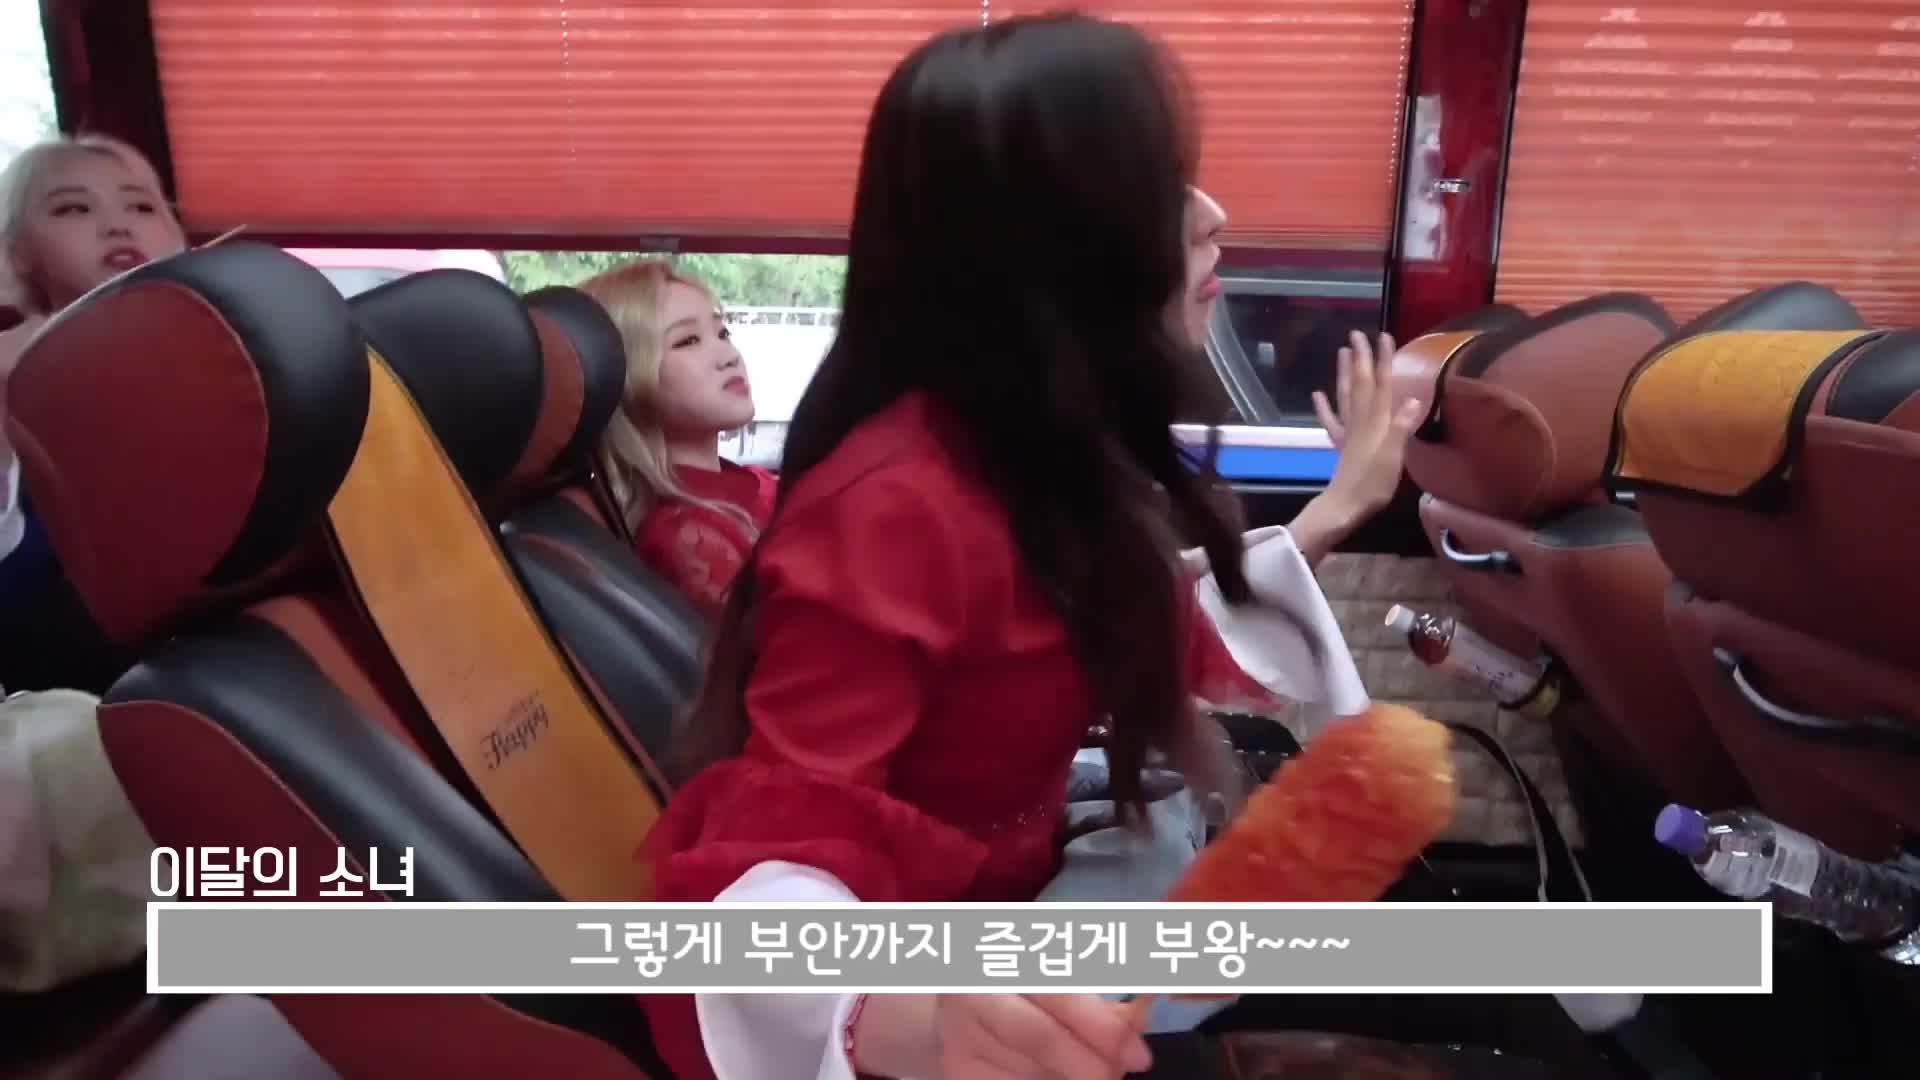 이달의소녀탐구 #523 (LOONA TV #523) 7 GIFs